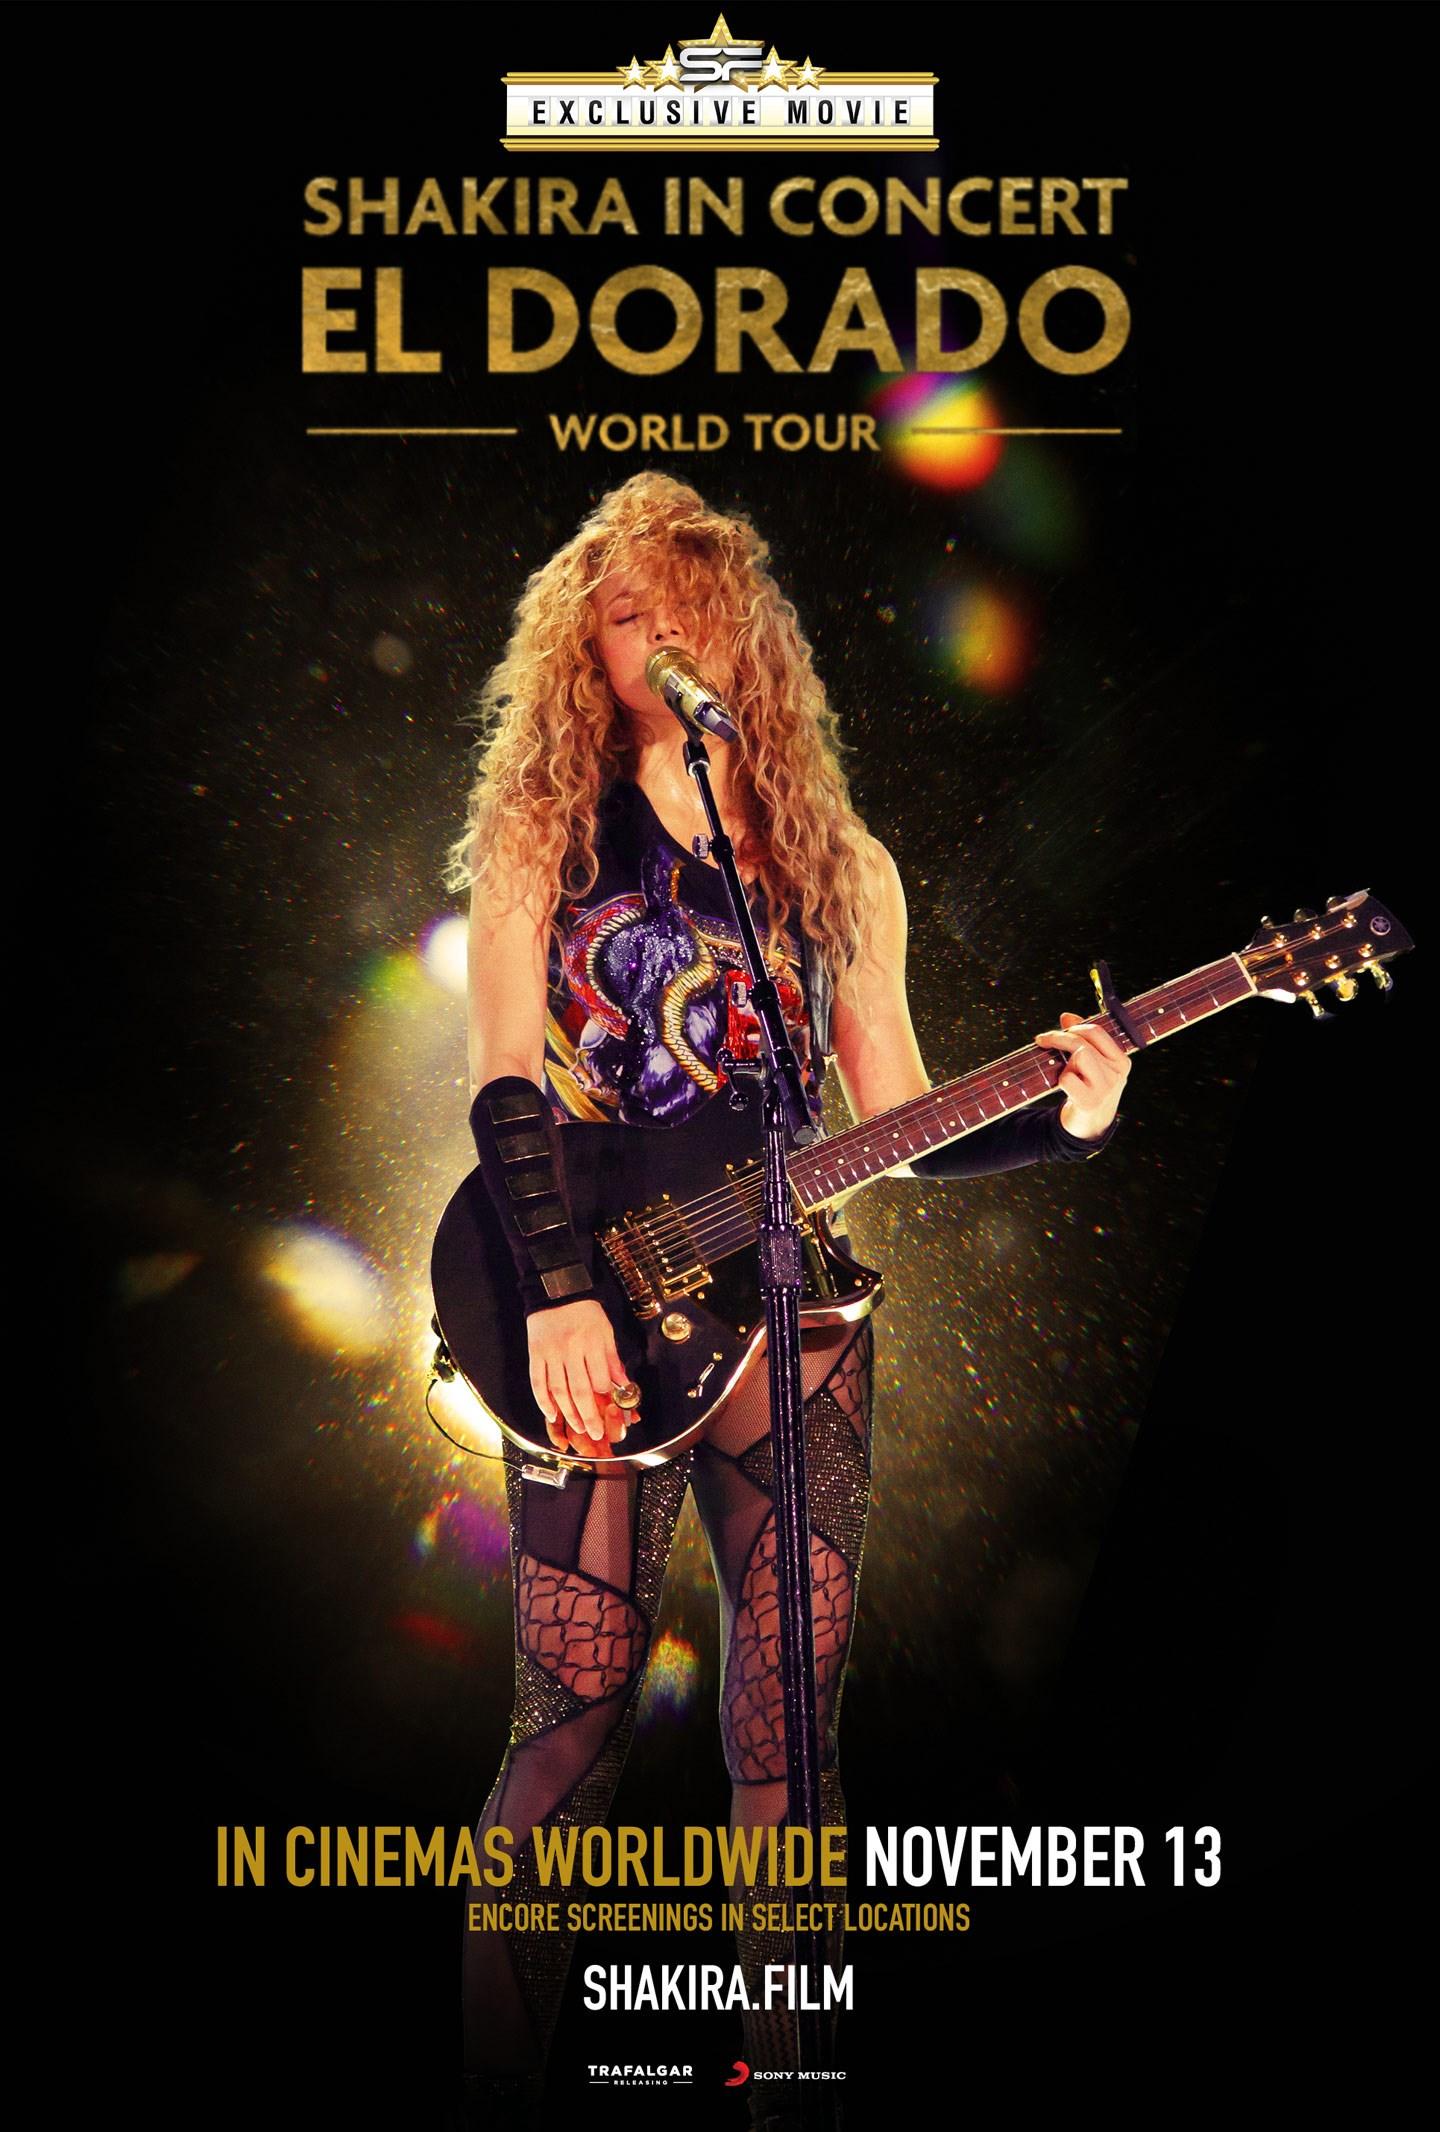 ผลการค้นหารูปภาพสำหรับ Shakira In  Concert : El Dorado World Tour SF Cinema